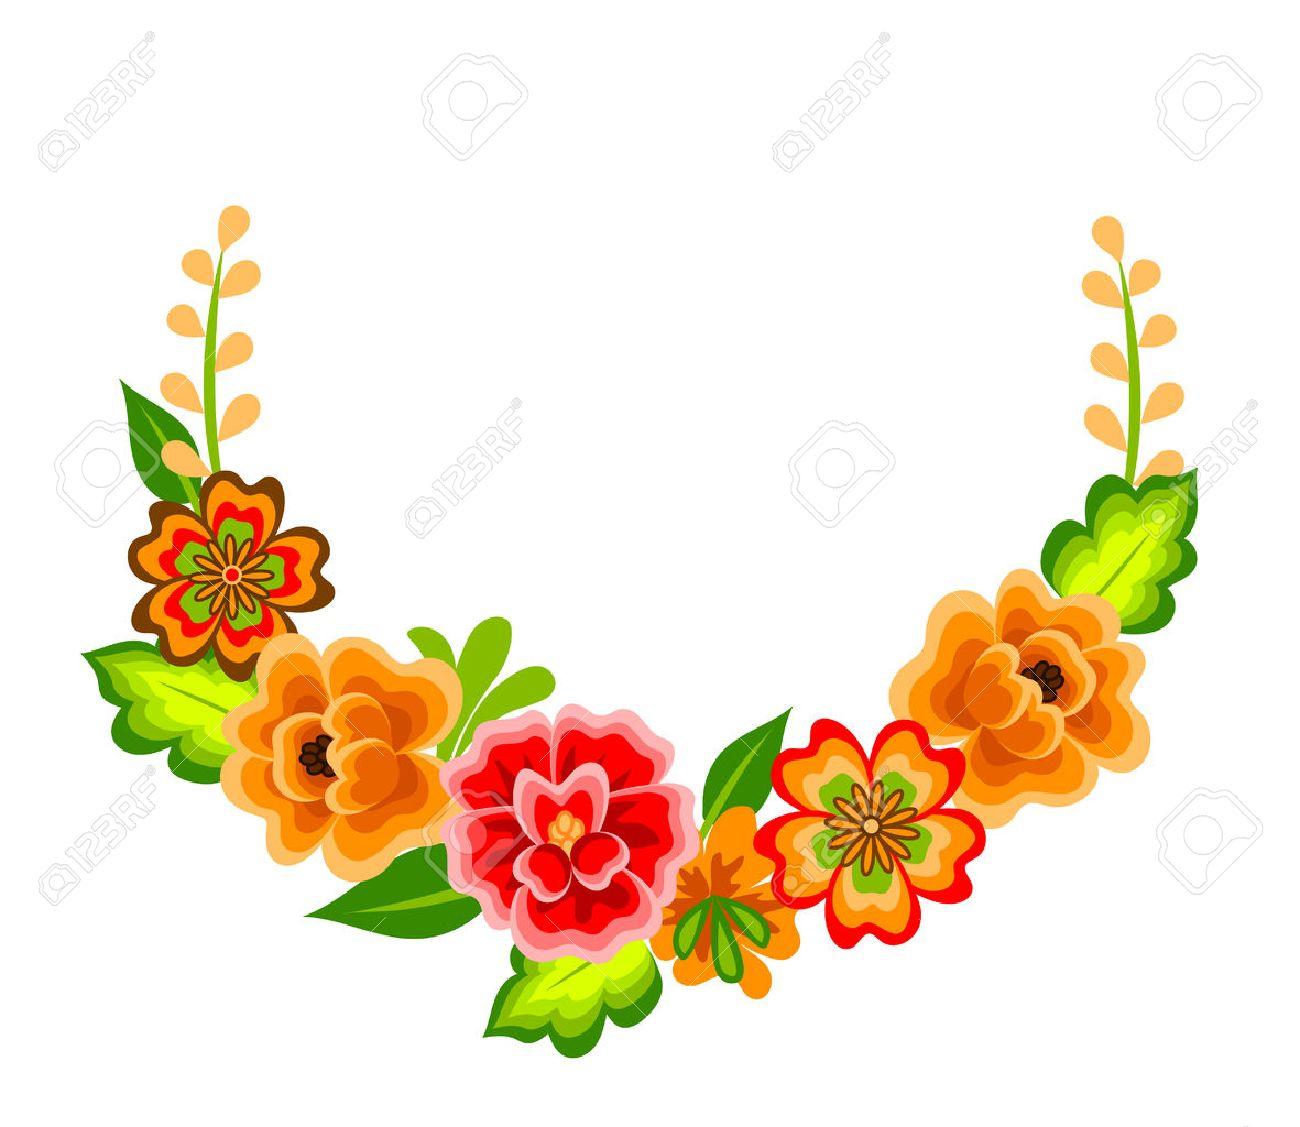 Guirnalda Con Flores Mexicanos Decoracion Floral Aislado En Blanco